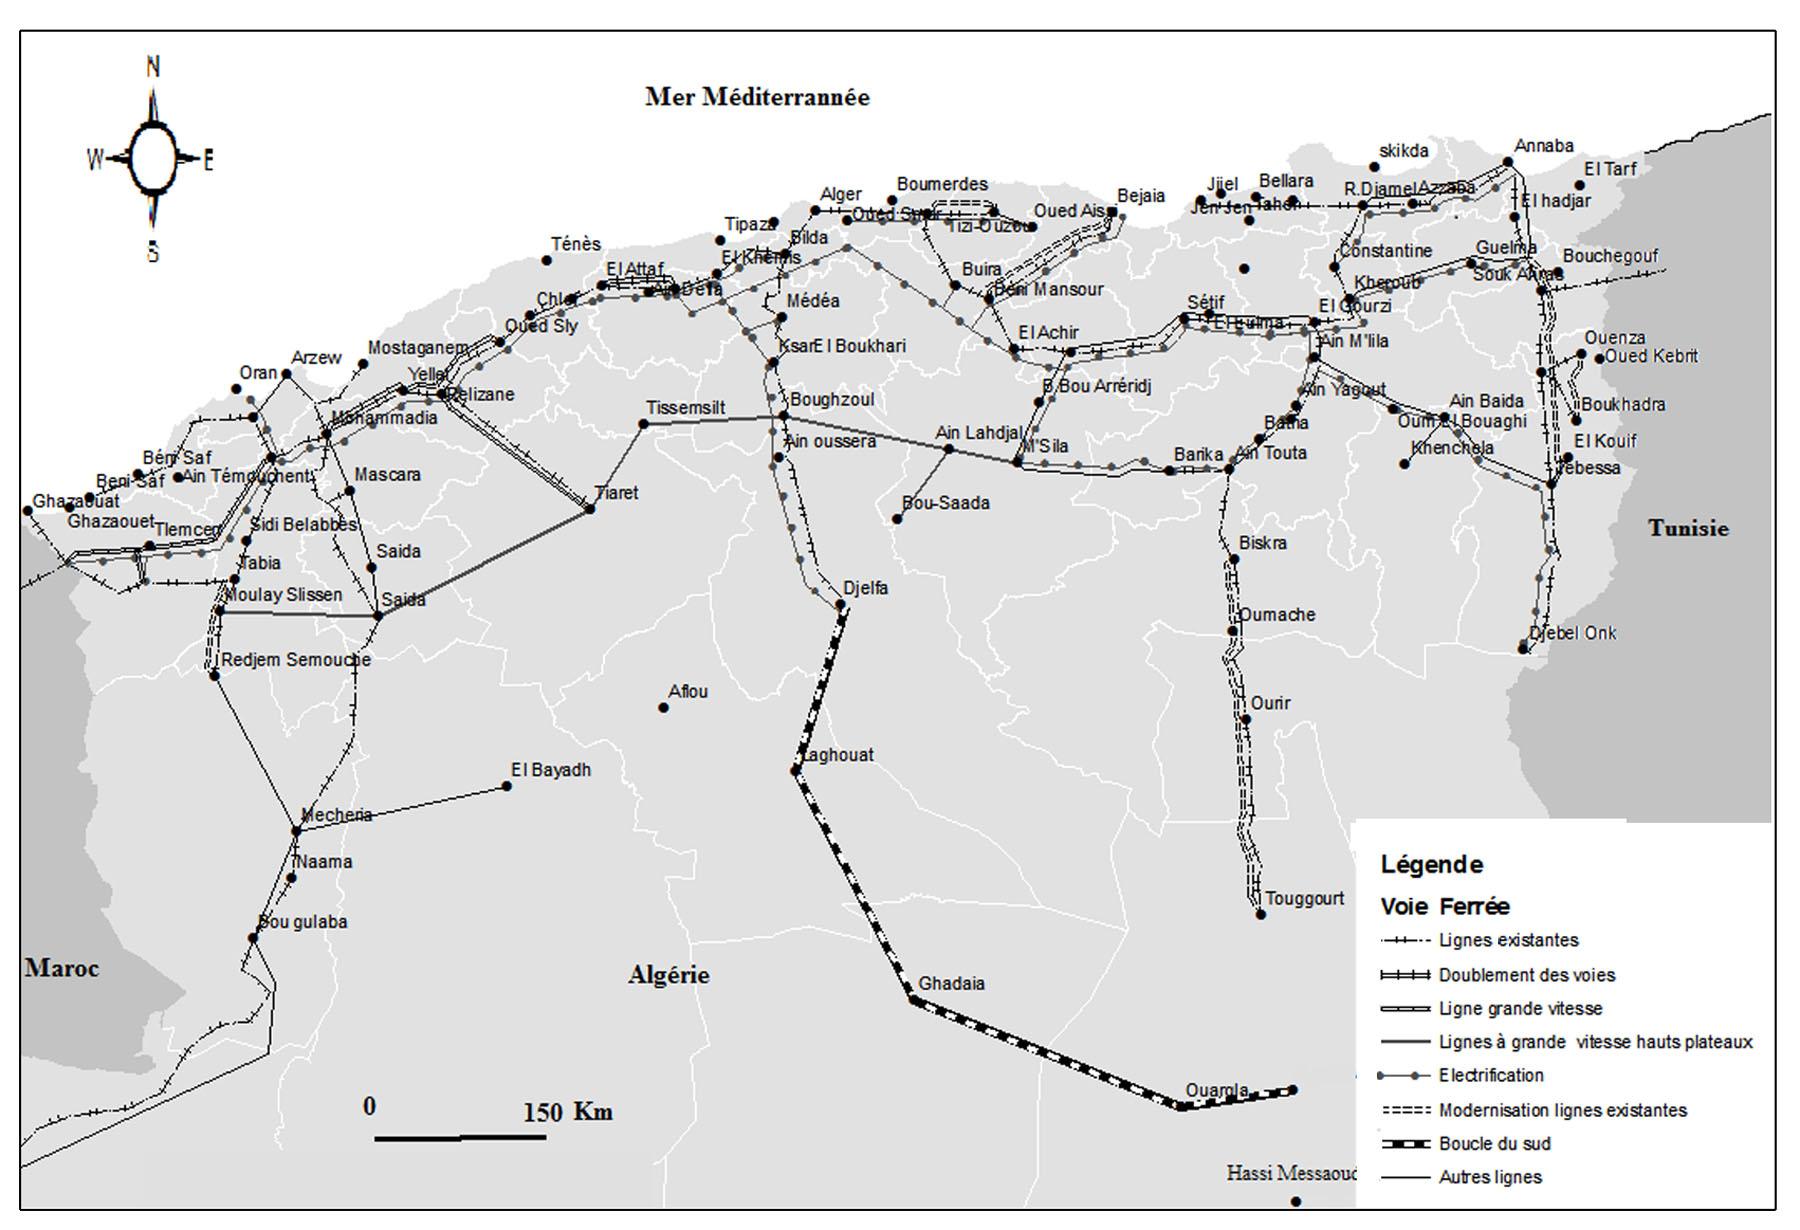 Carte Algerie Beni Saf.Les Liaisons Maritimes De L Algerie Dans L Espace Euro